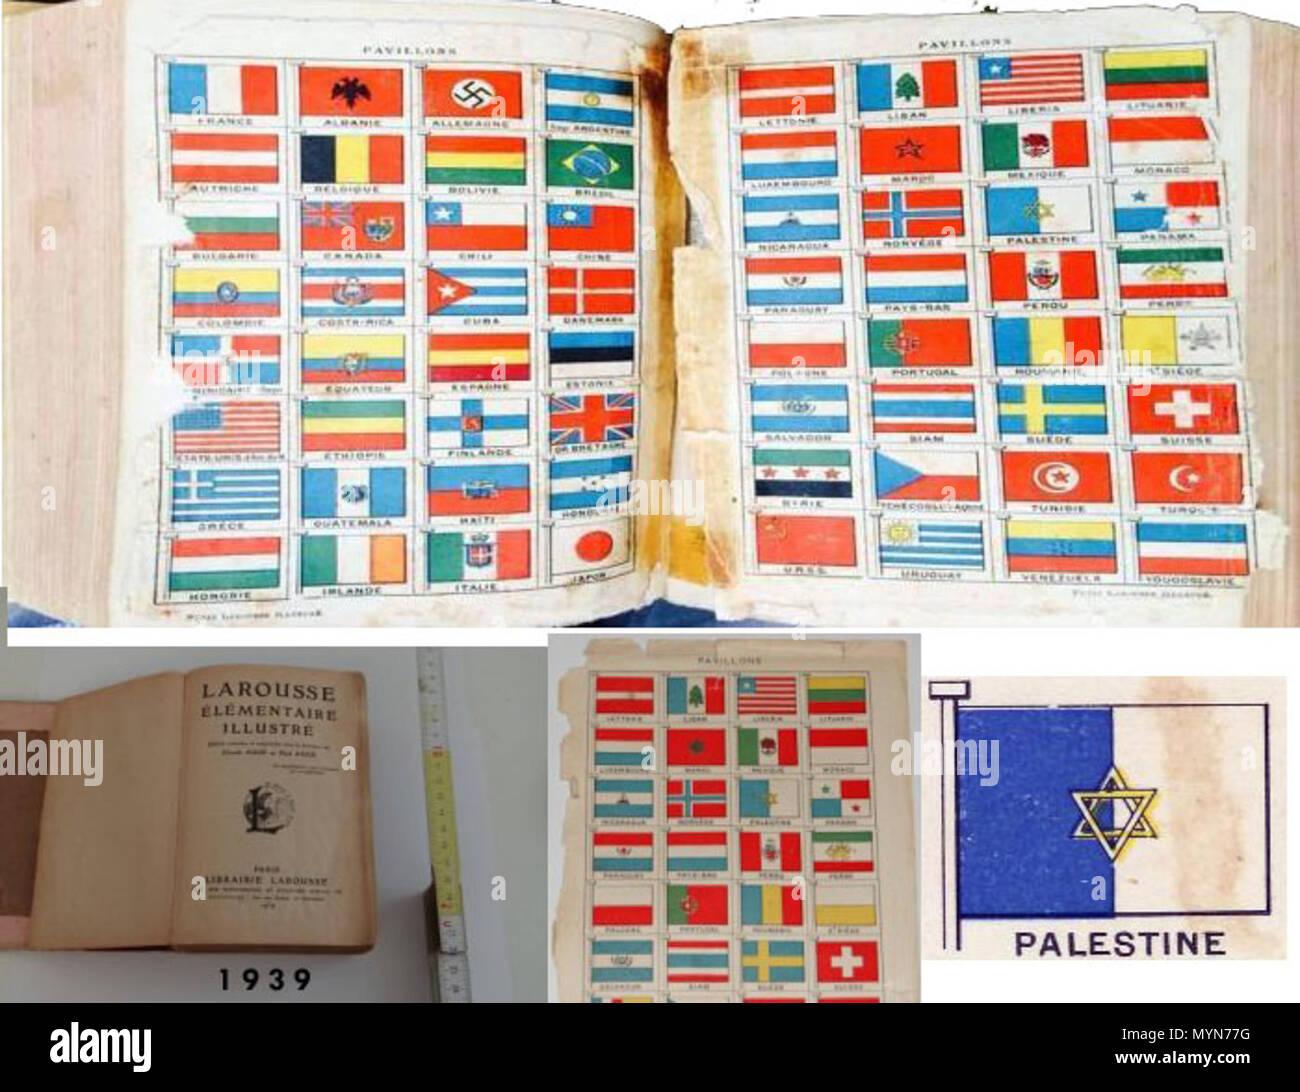 . Русский: Согласно французскому словарю Ларус (Larousse) 1939 года [1] Флаг Палестины представлял из себя разделённое вертикально пополам бело-голубое поле с голубой частью у древка и изображённой в центре шестиконечной звездой Давида. 1939. Larousse 1939 406 Palestin-flag-1939 - Stock Image